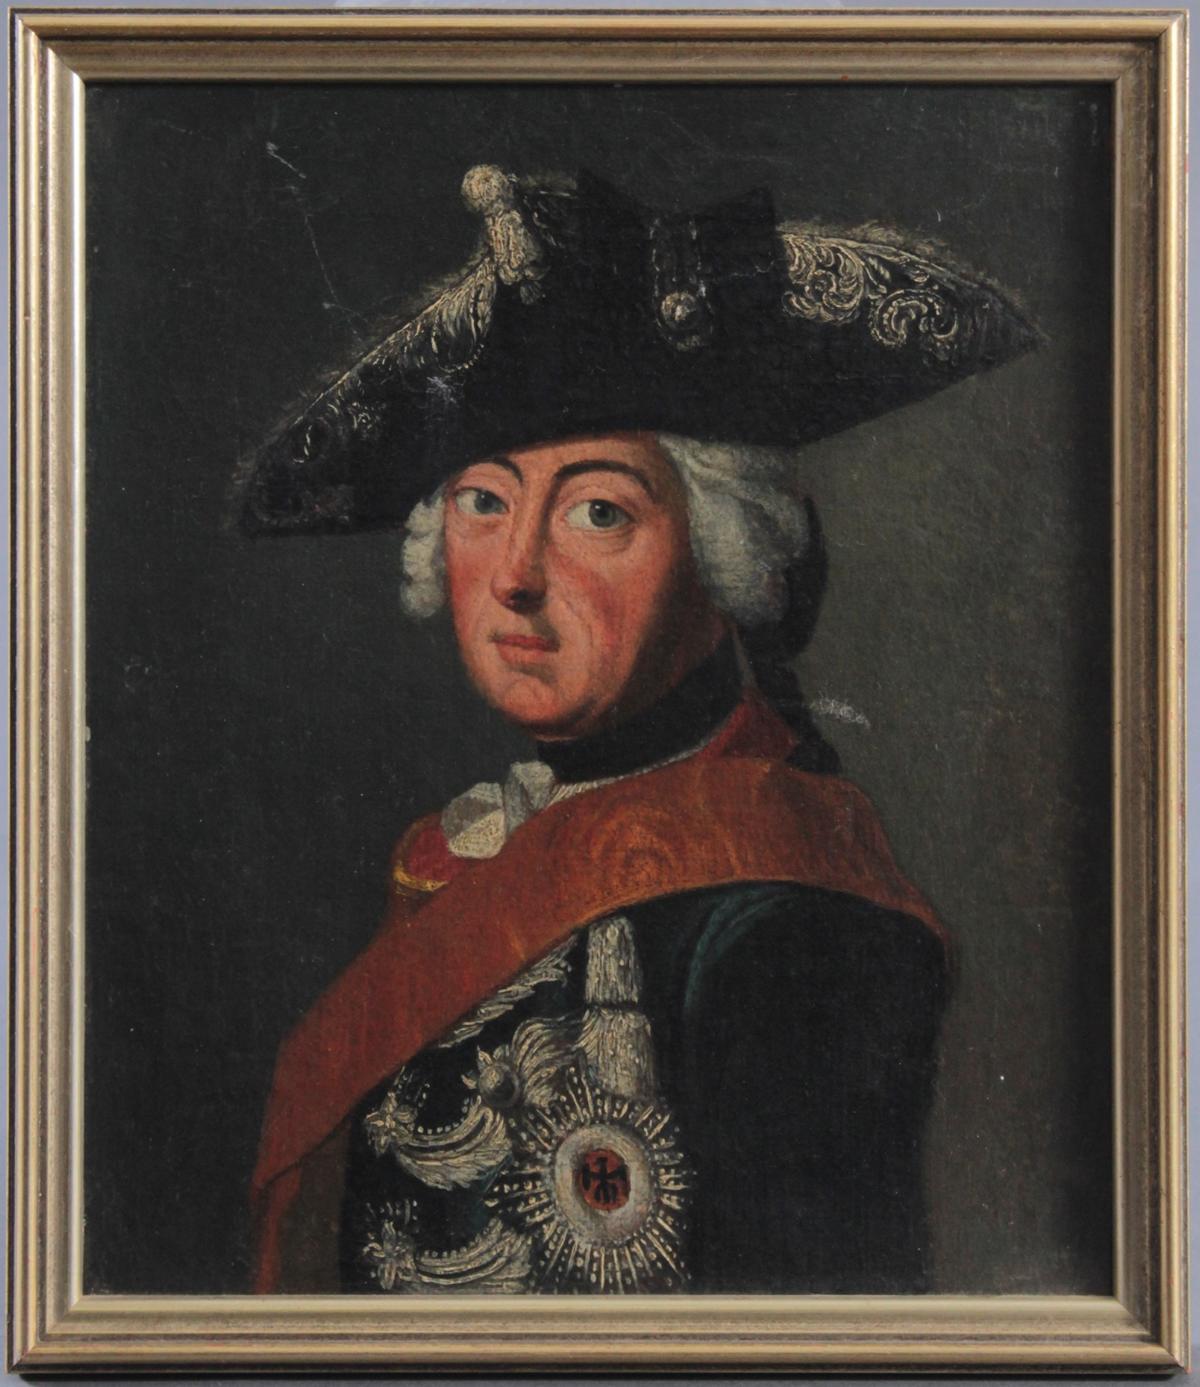 Maler des 18. Jahrhunderts, 'Friedrich der Große